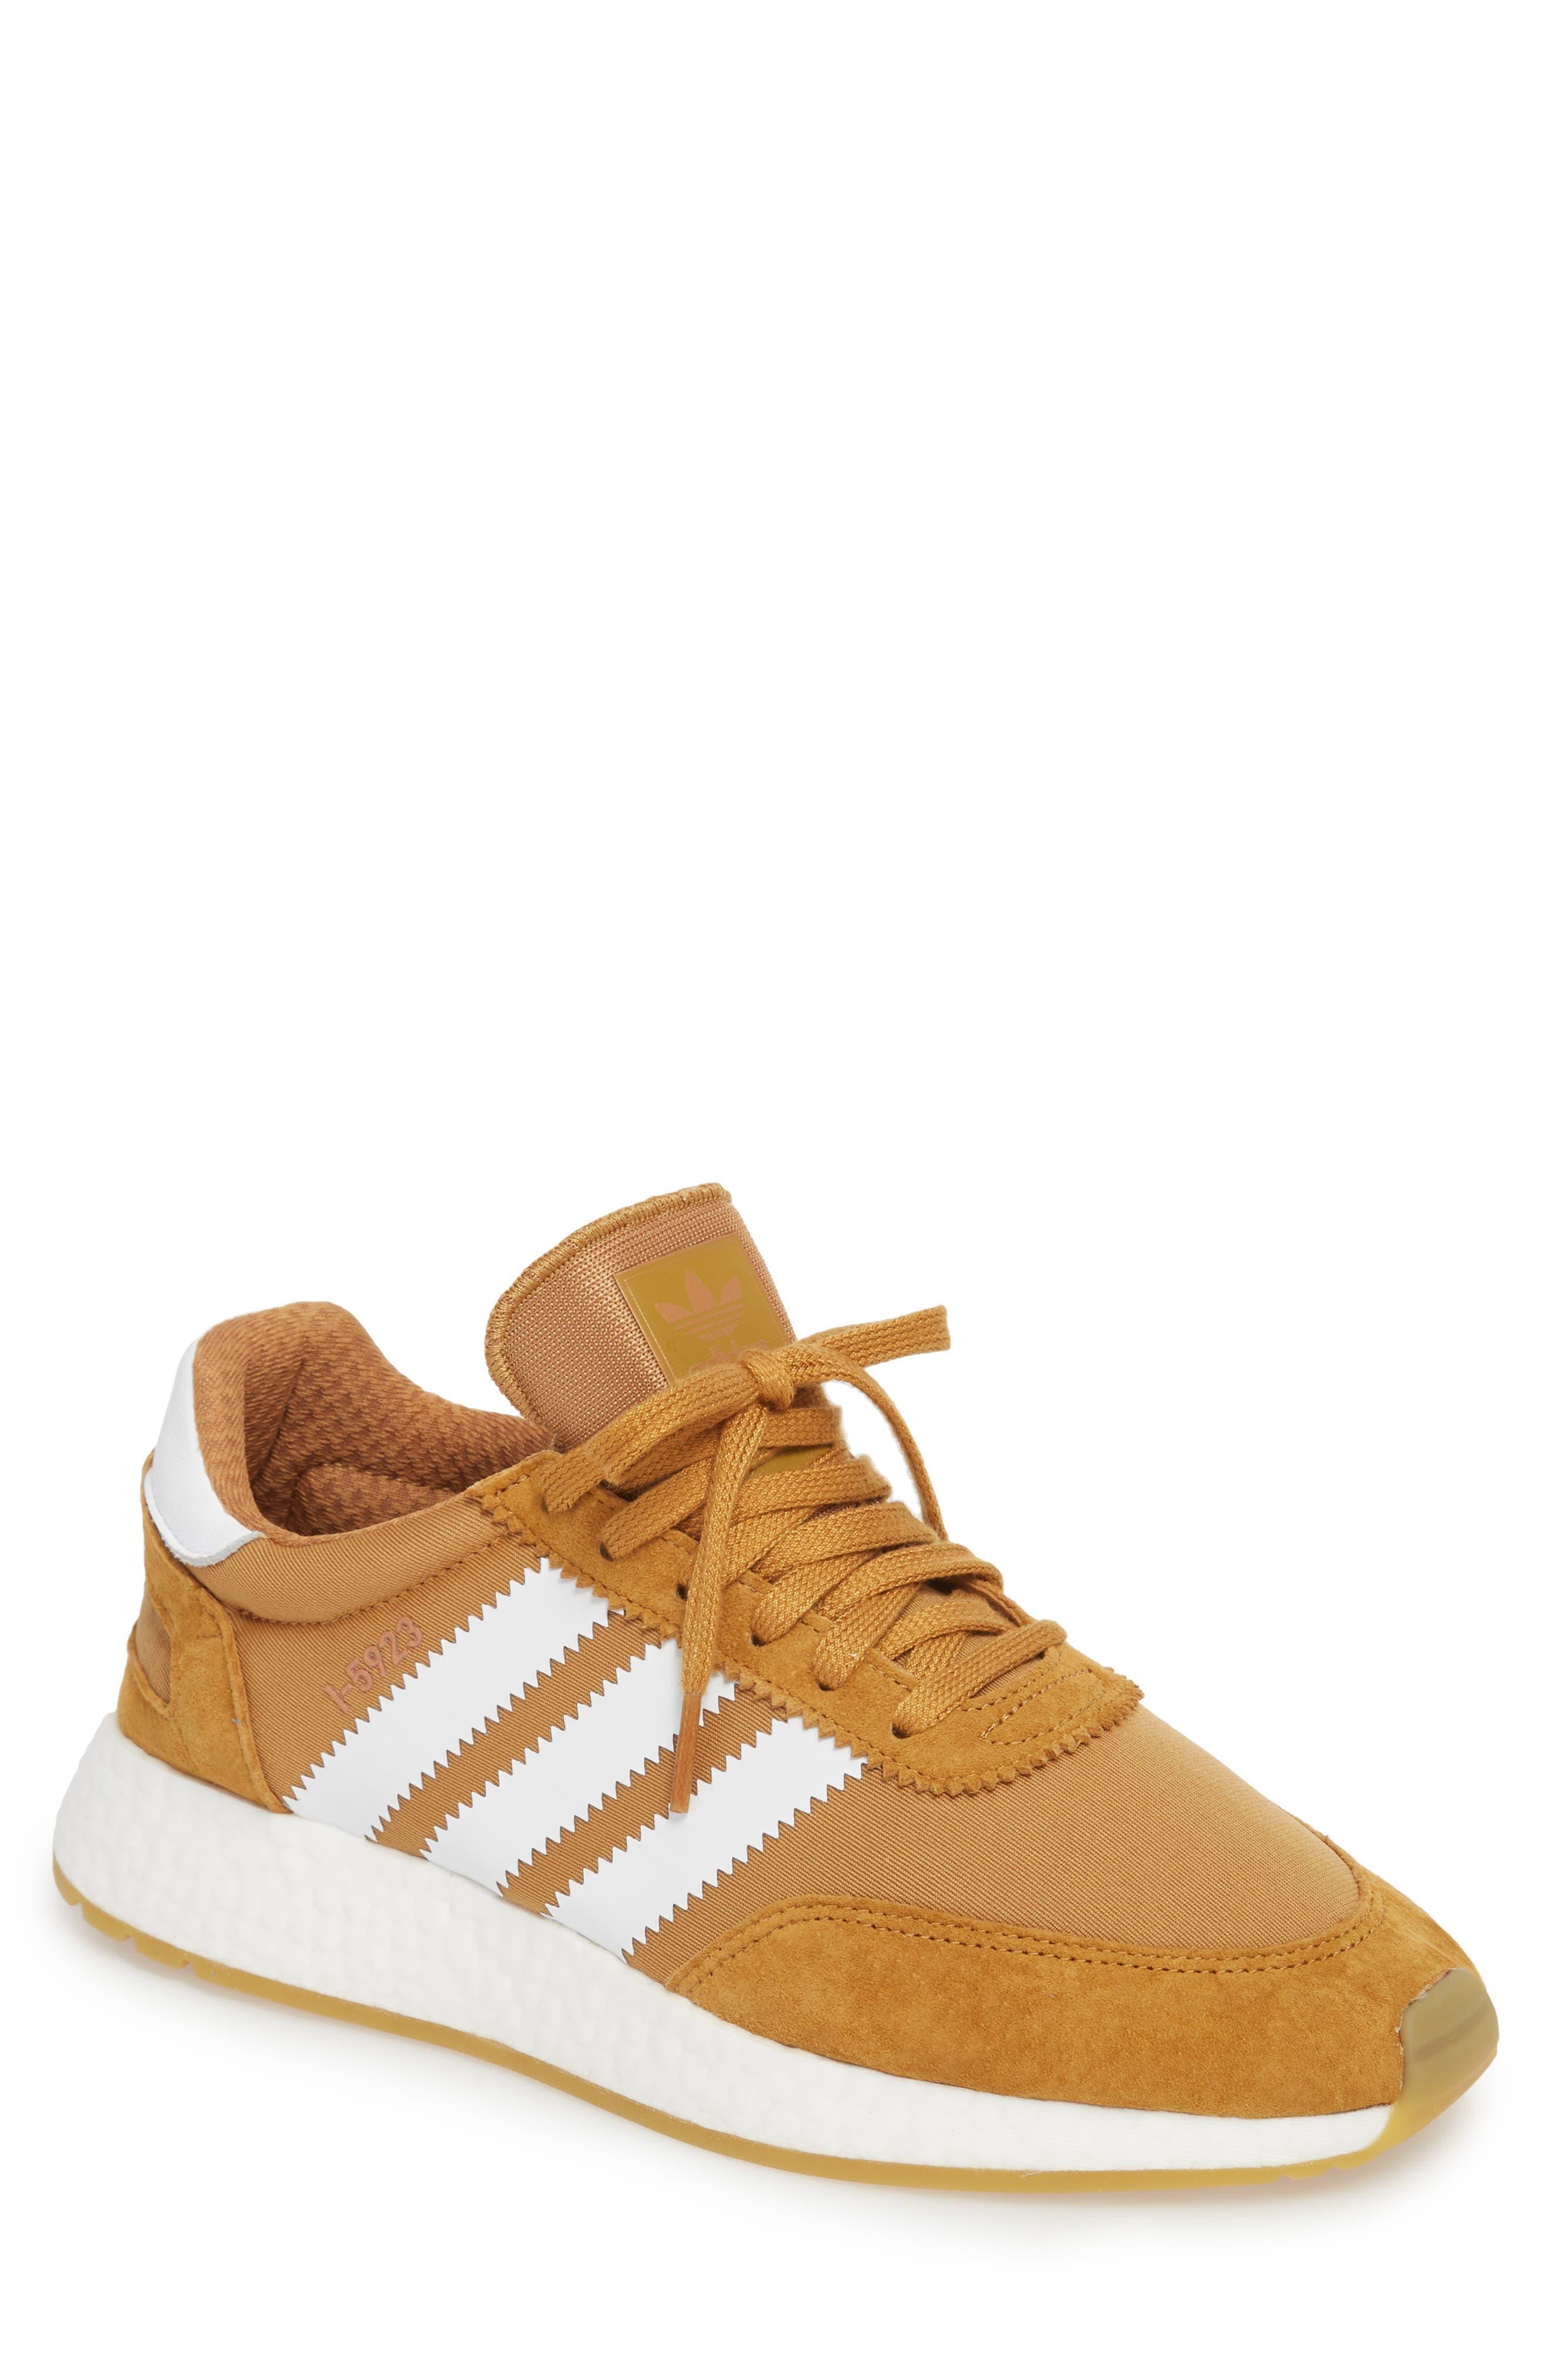 adidas I-5923 Runner Sneaker (Men)